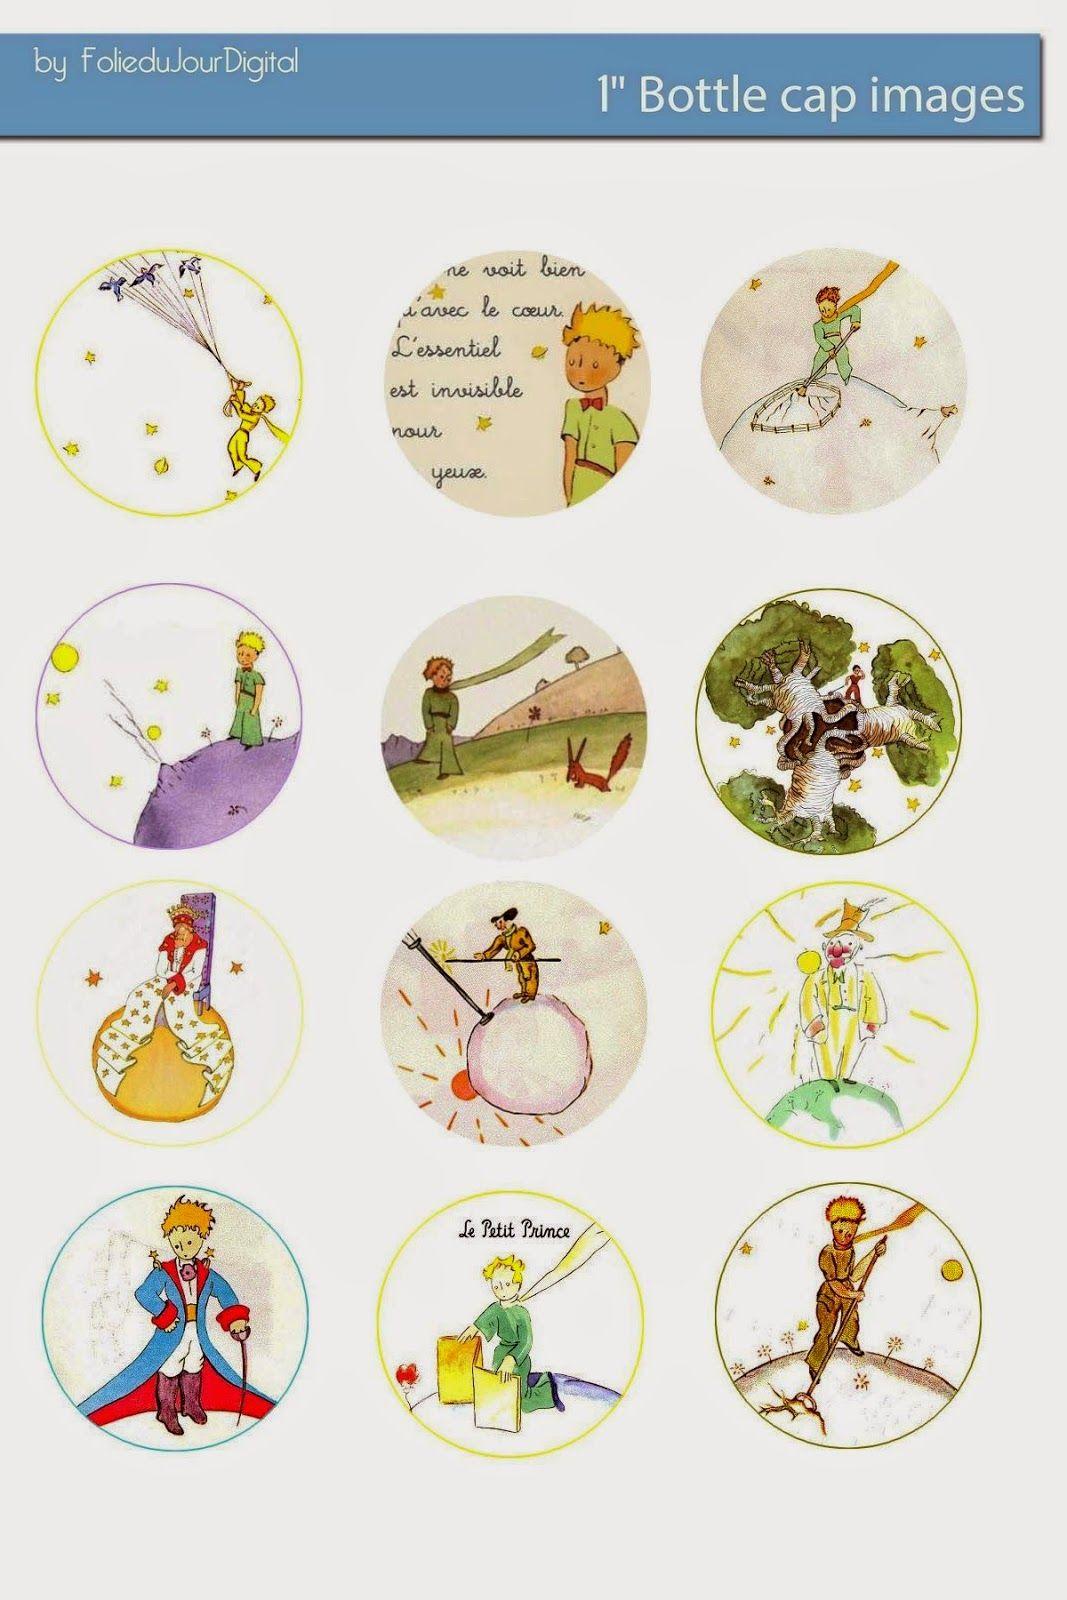 Le Petit Prince The Little Prince free bottle cap images